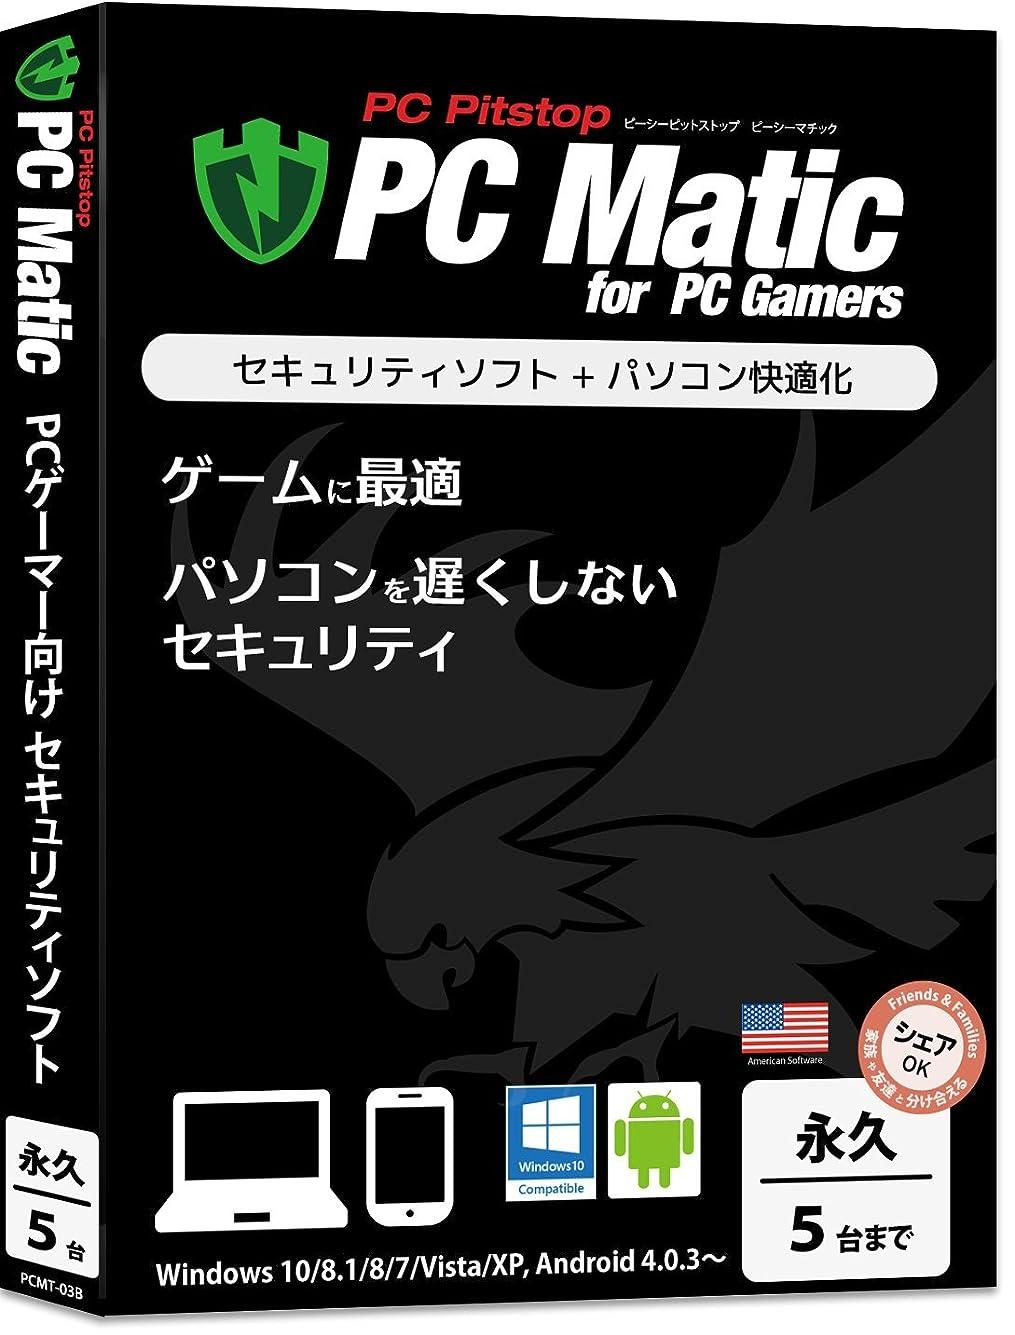 バングラデシュオークション誓うPC Matic for PC Gamers [永久/5台] PCゲーマー向けセキュリティソフト Windows 10~XP/Android